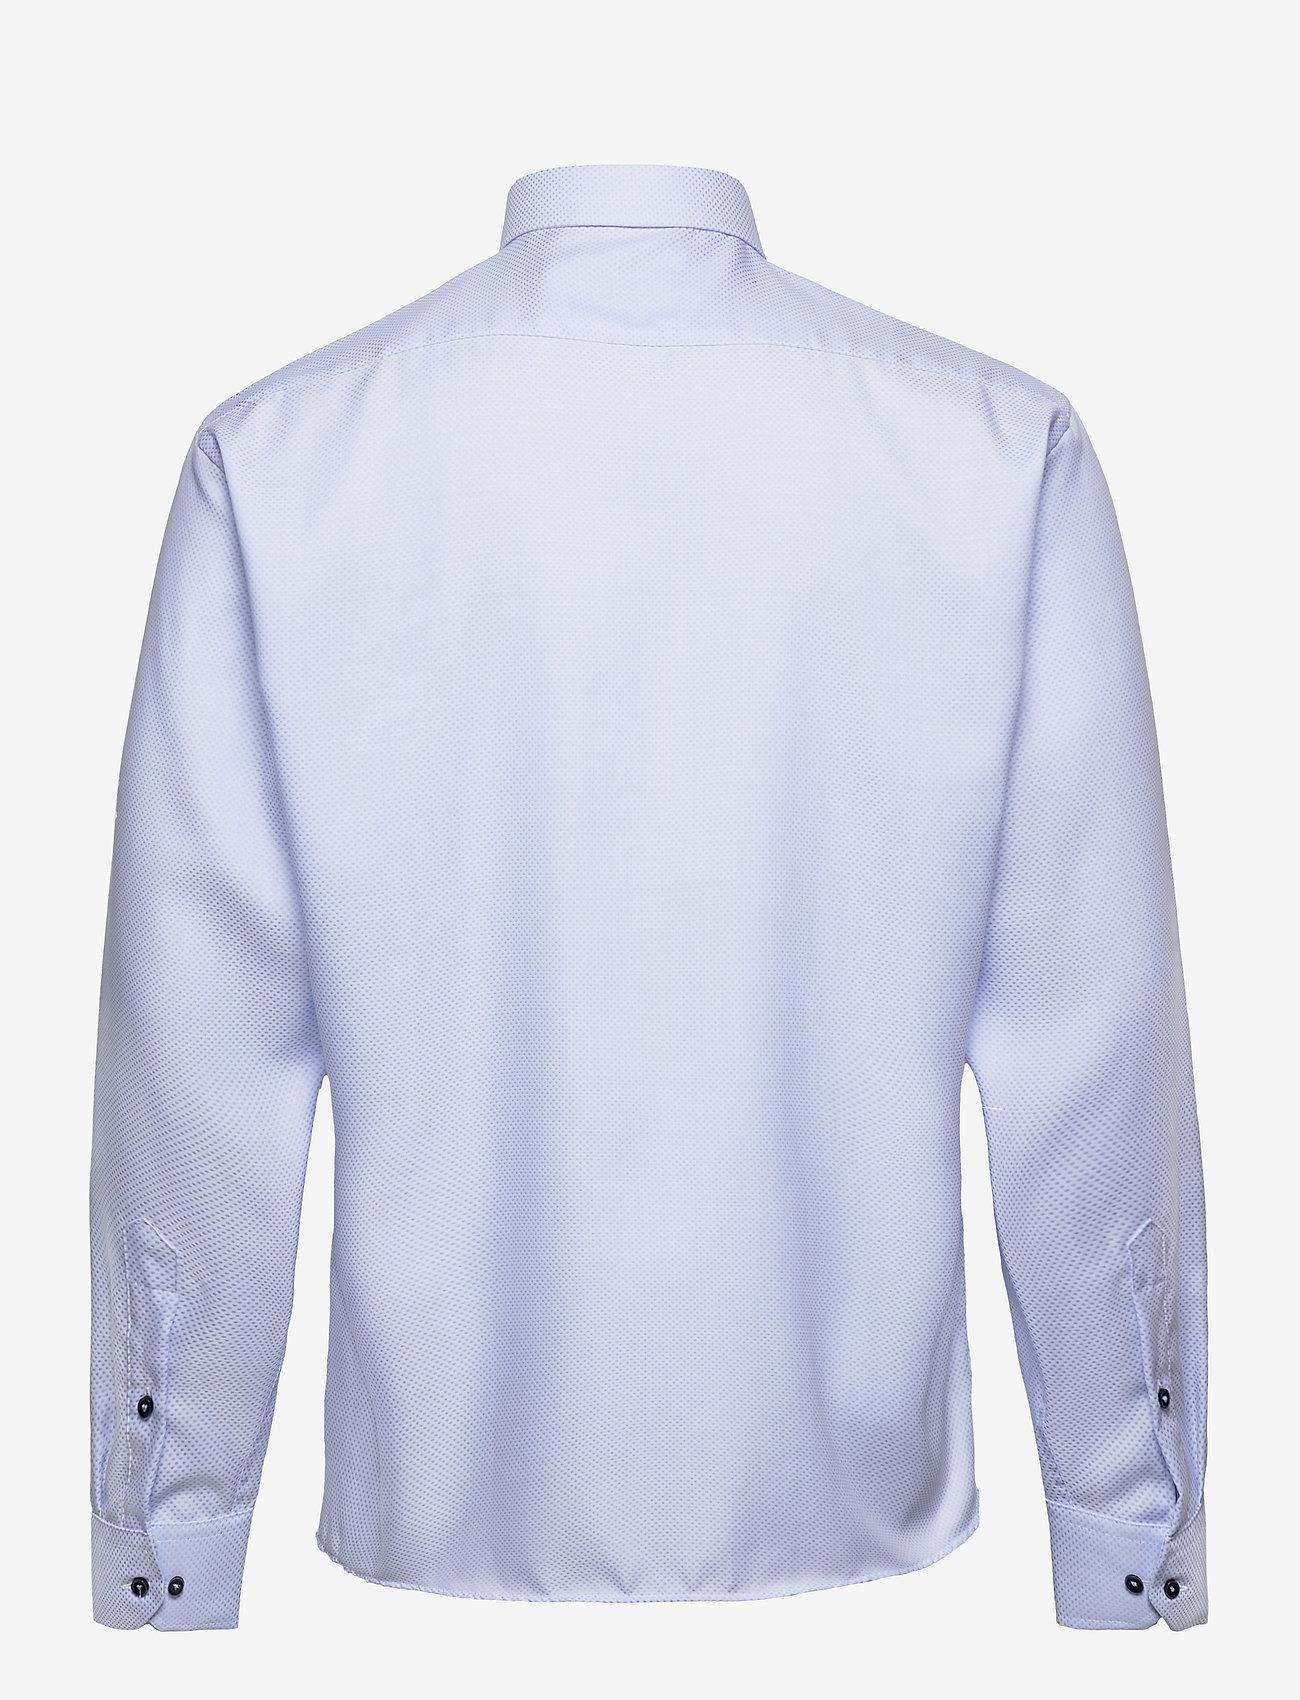 Seven Seas Copenhagen LEXUS - Skjorter LIGHT BLUE - Menn Klær